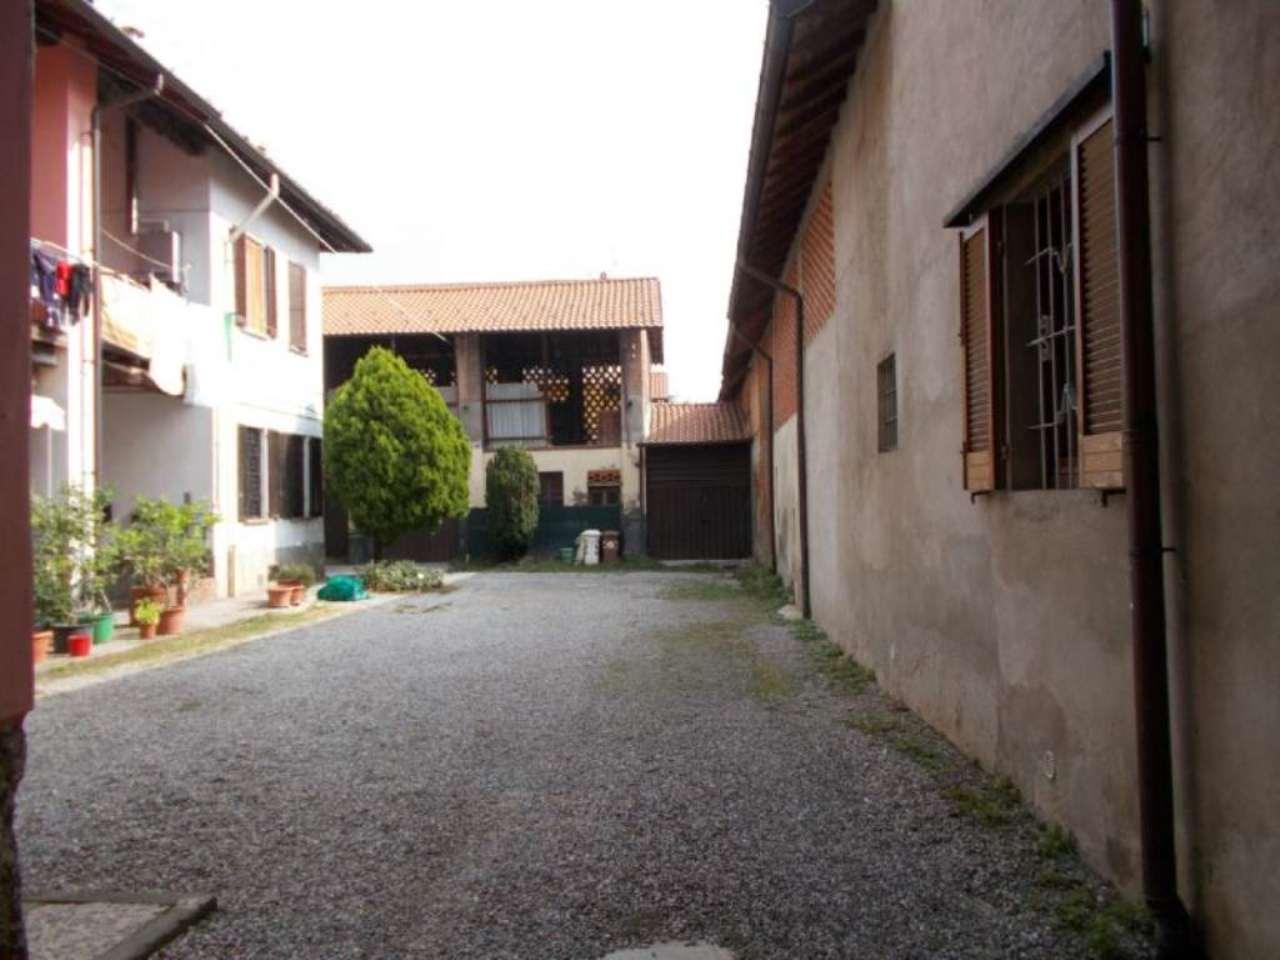 Rustico / Casale in vendita a Cavenago di Brianza, 3 locali, prezzo € 75.000 | Cambio Casa.it